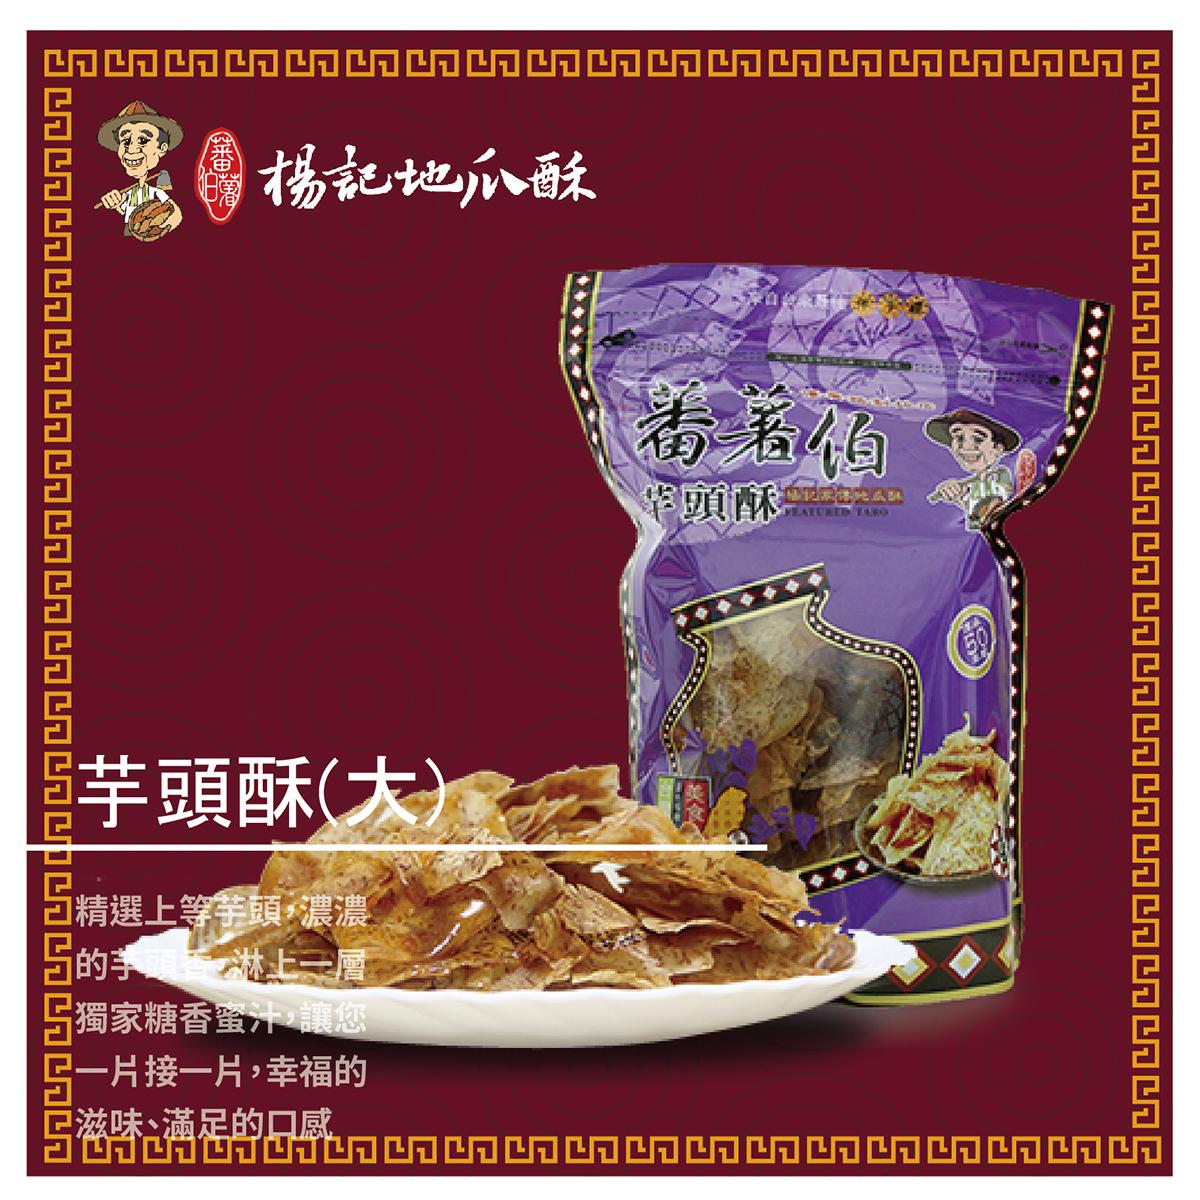 【蕃薯伯楊記家傳地瓜酥】傳香芋頭酥(大)300g